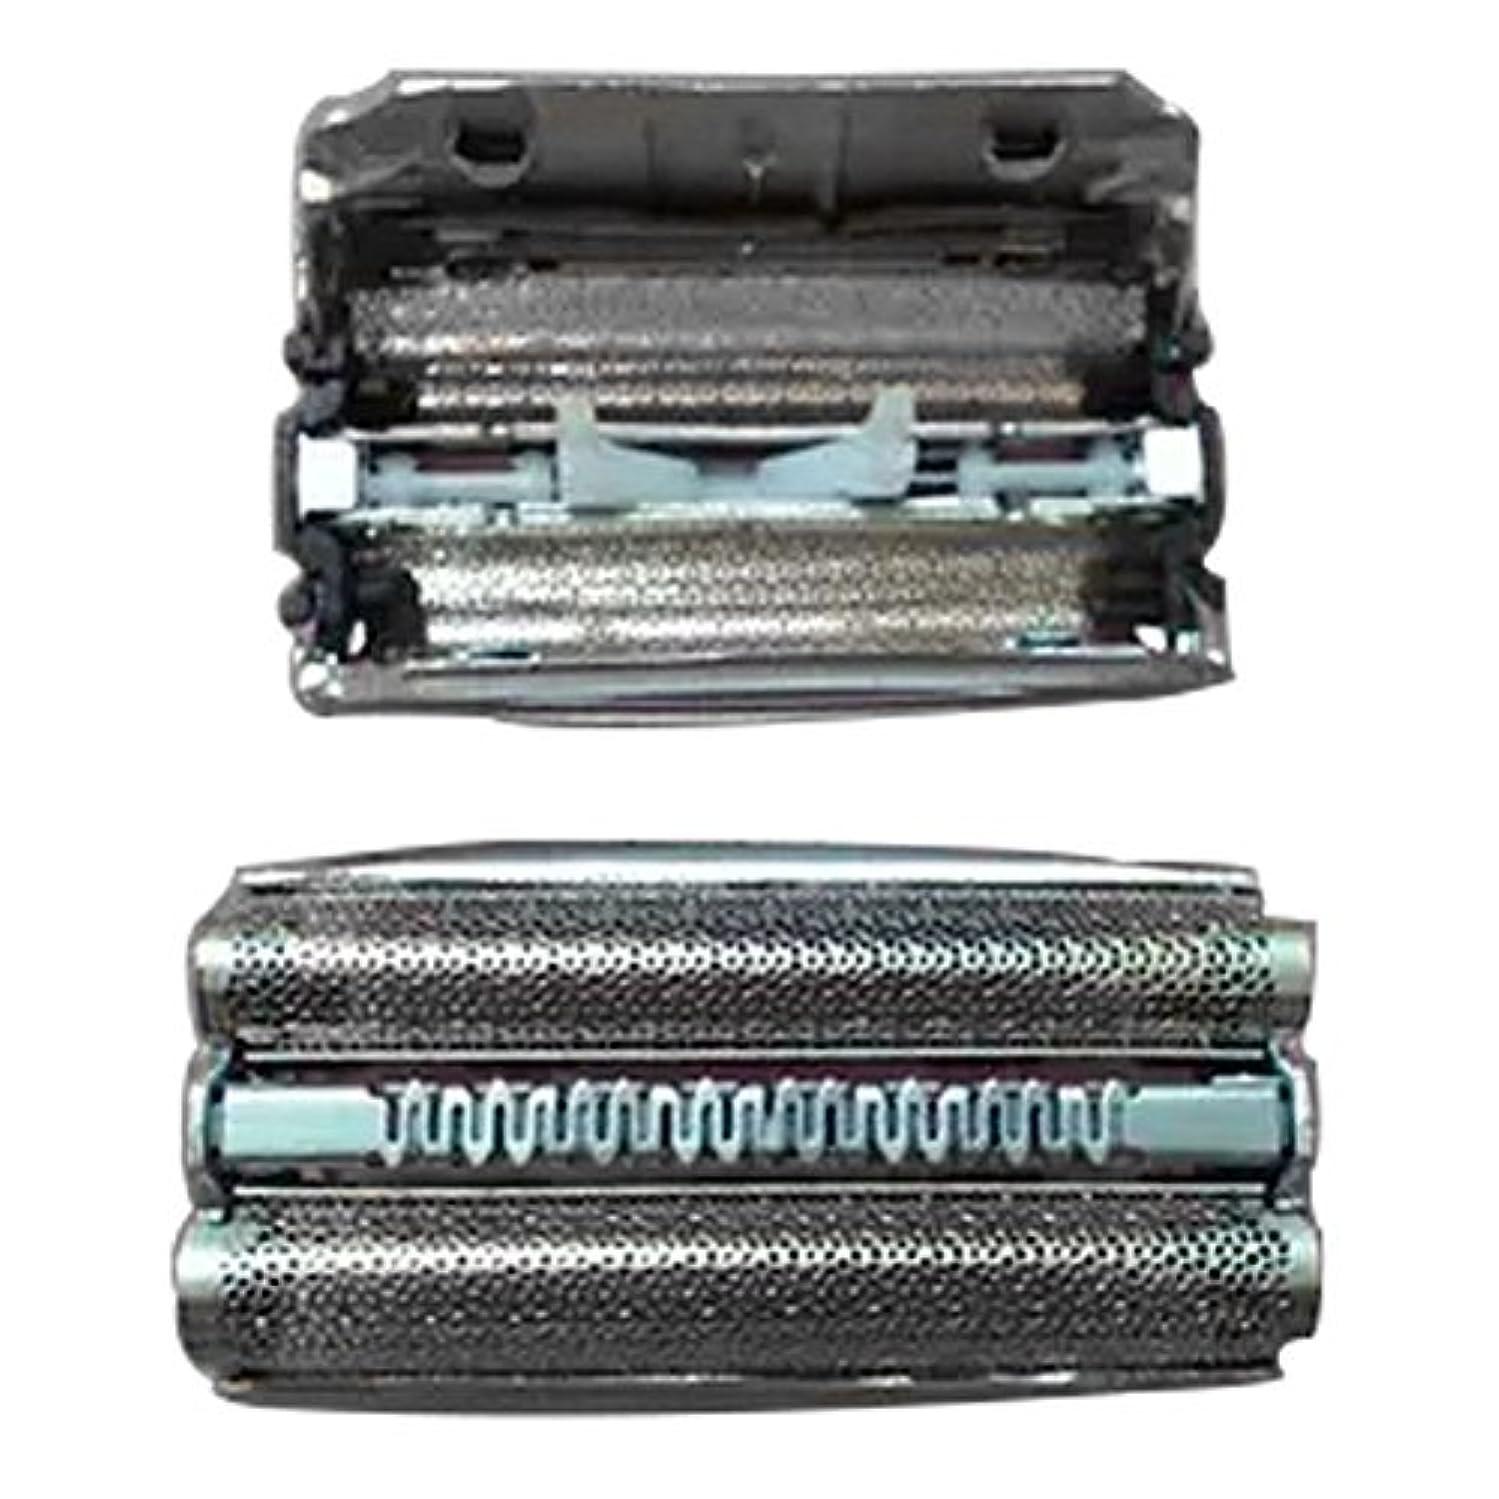 Deylaying 置換 シェーバー かみそり フォイル for Braun 51S 530 530S-4 540 550 550S-4 560 560S-3 560S-4 570cc 570CC-3 570S-4 590cc...